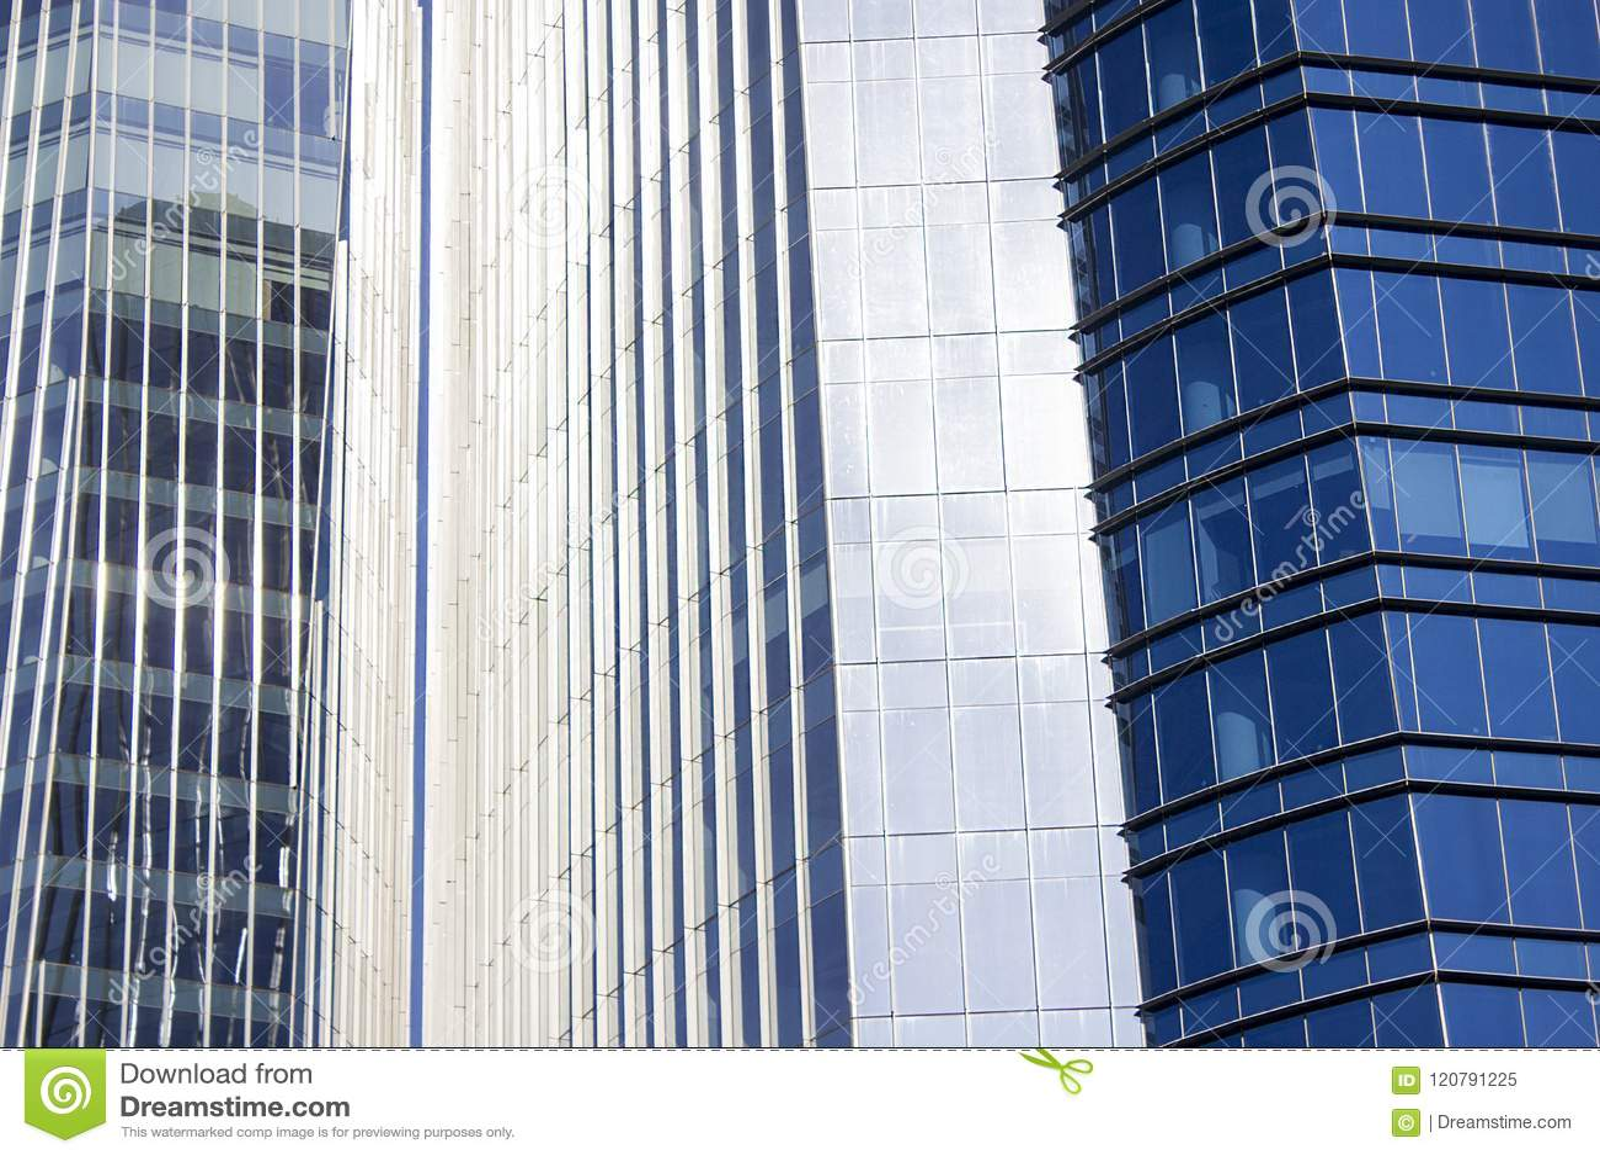 Sluit schot van een paar gebouwen van het tweelingen collectieve blauwe bureau met een gestreept ontwerp